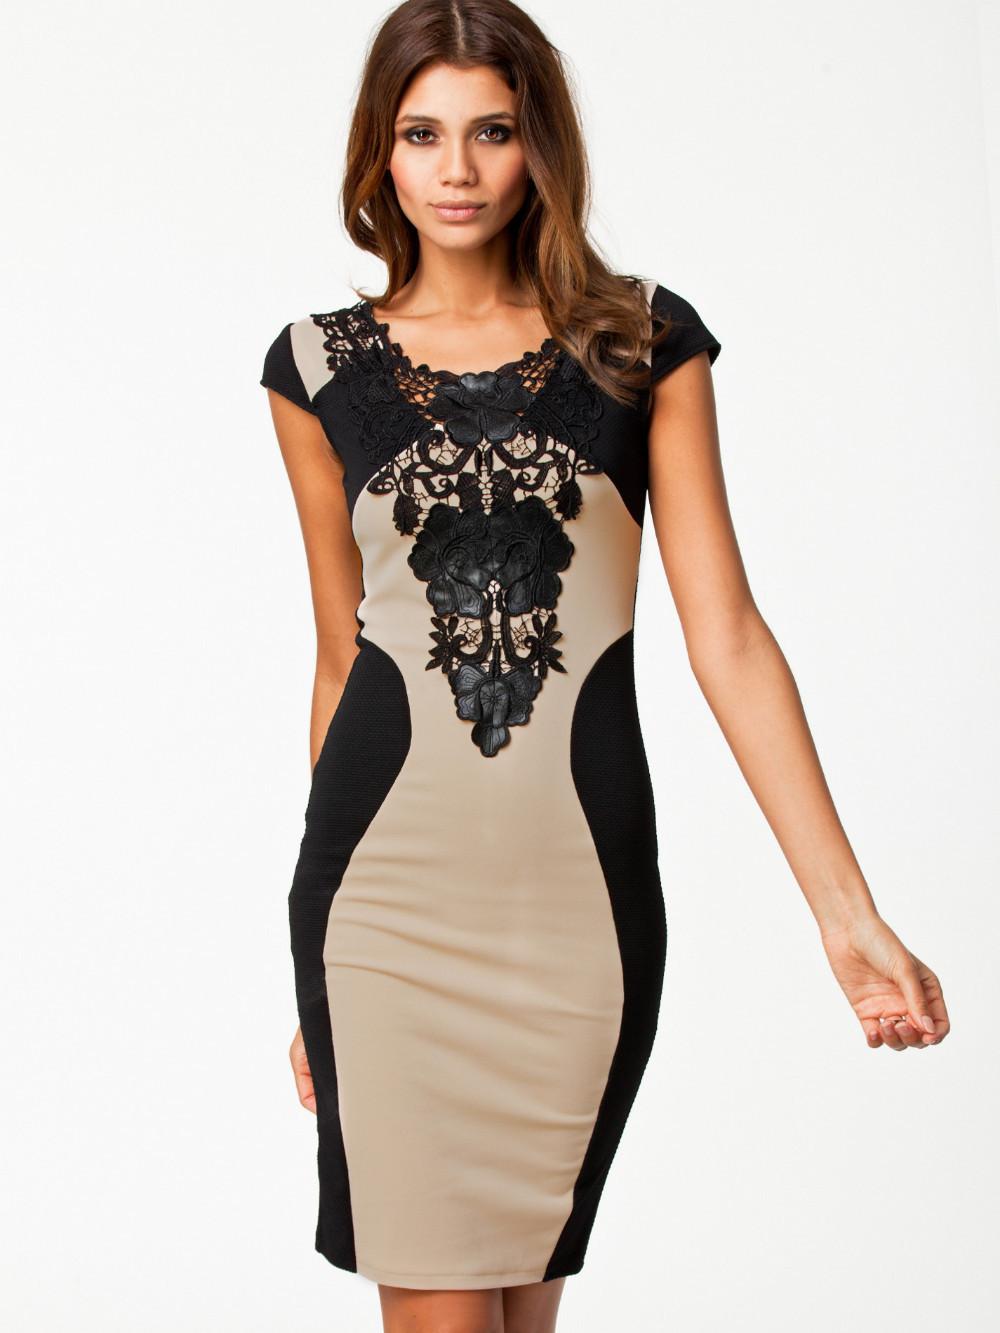 Женское платье Guixiu M/L/XL Vestidos Bodycon , CB9553 женское платье ol s m l xl d0058